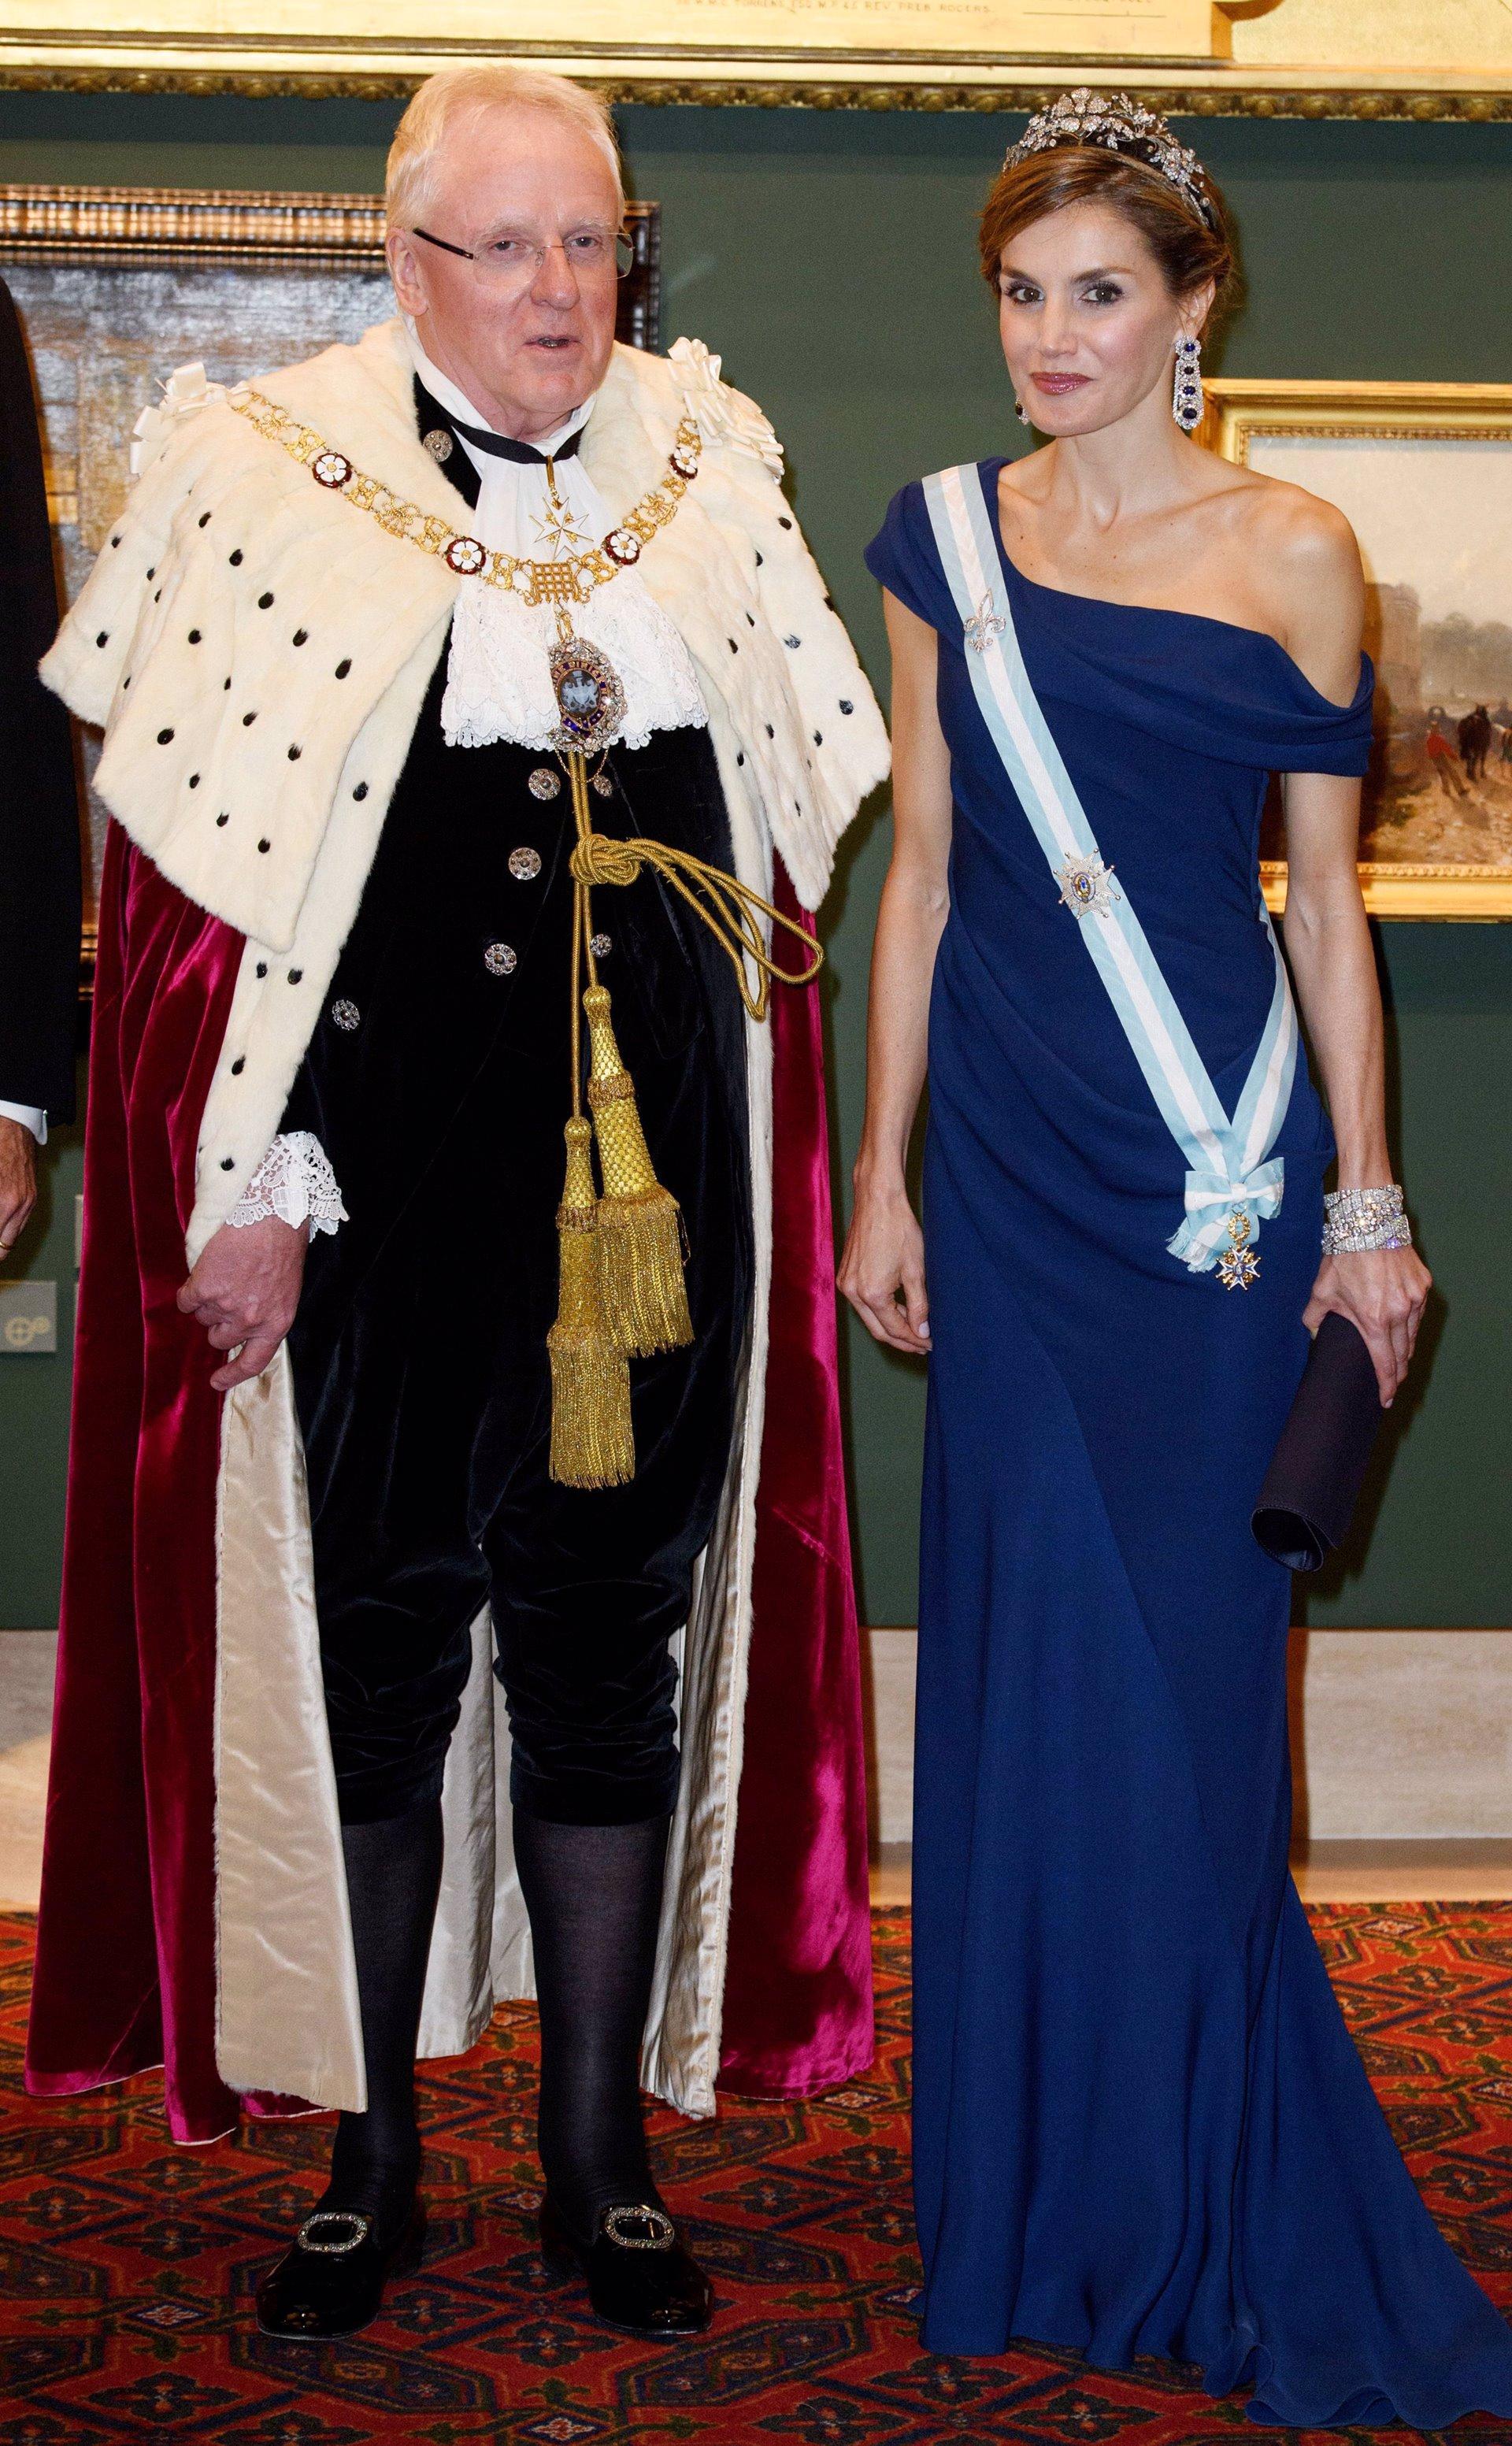 La Reina Letizia homenajea a la Reina Victoria Eugenia de Battemberg en su visita a Londres con las pulseras gemalas de Cartier